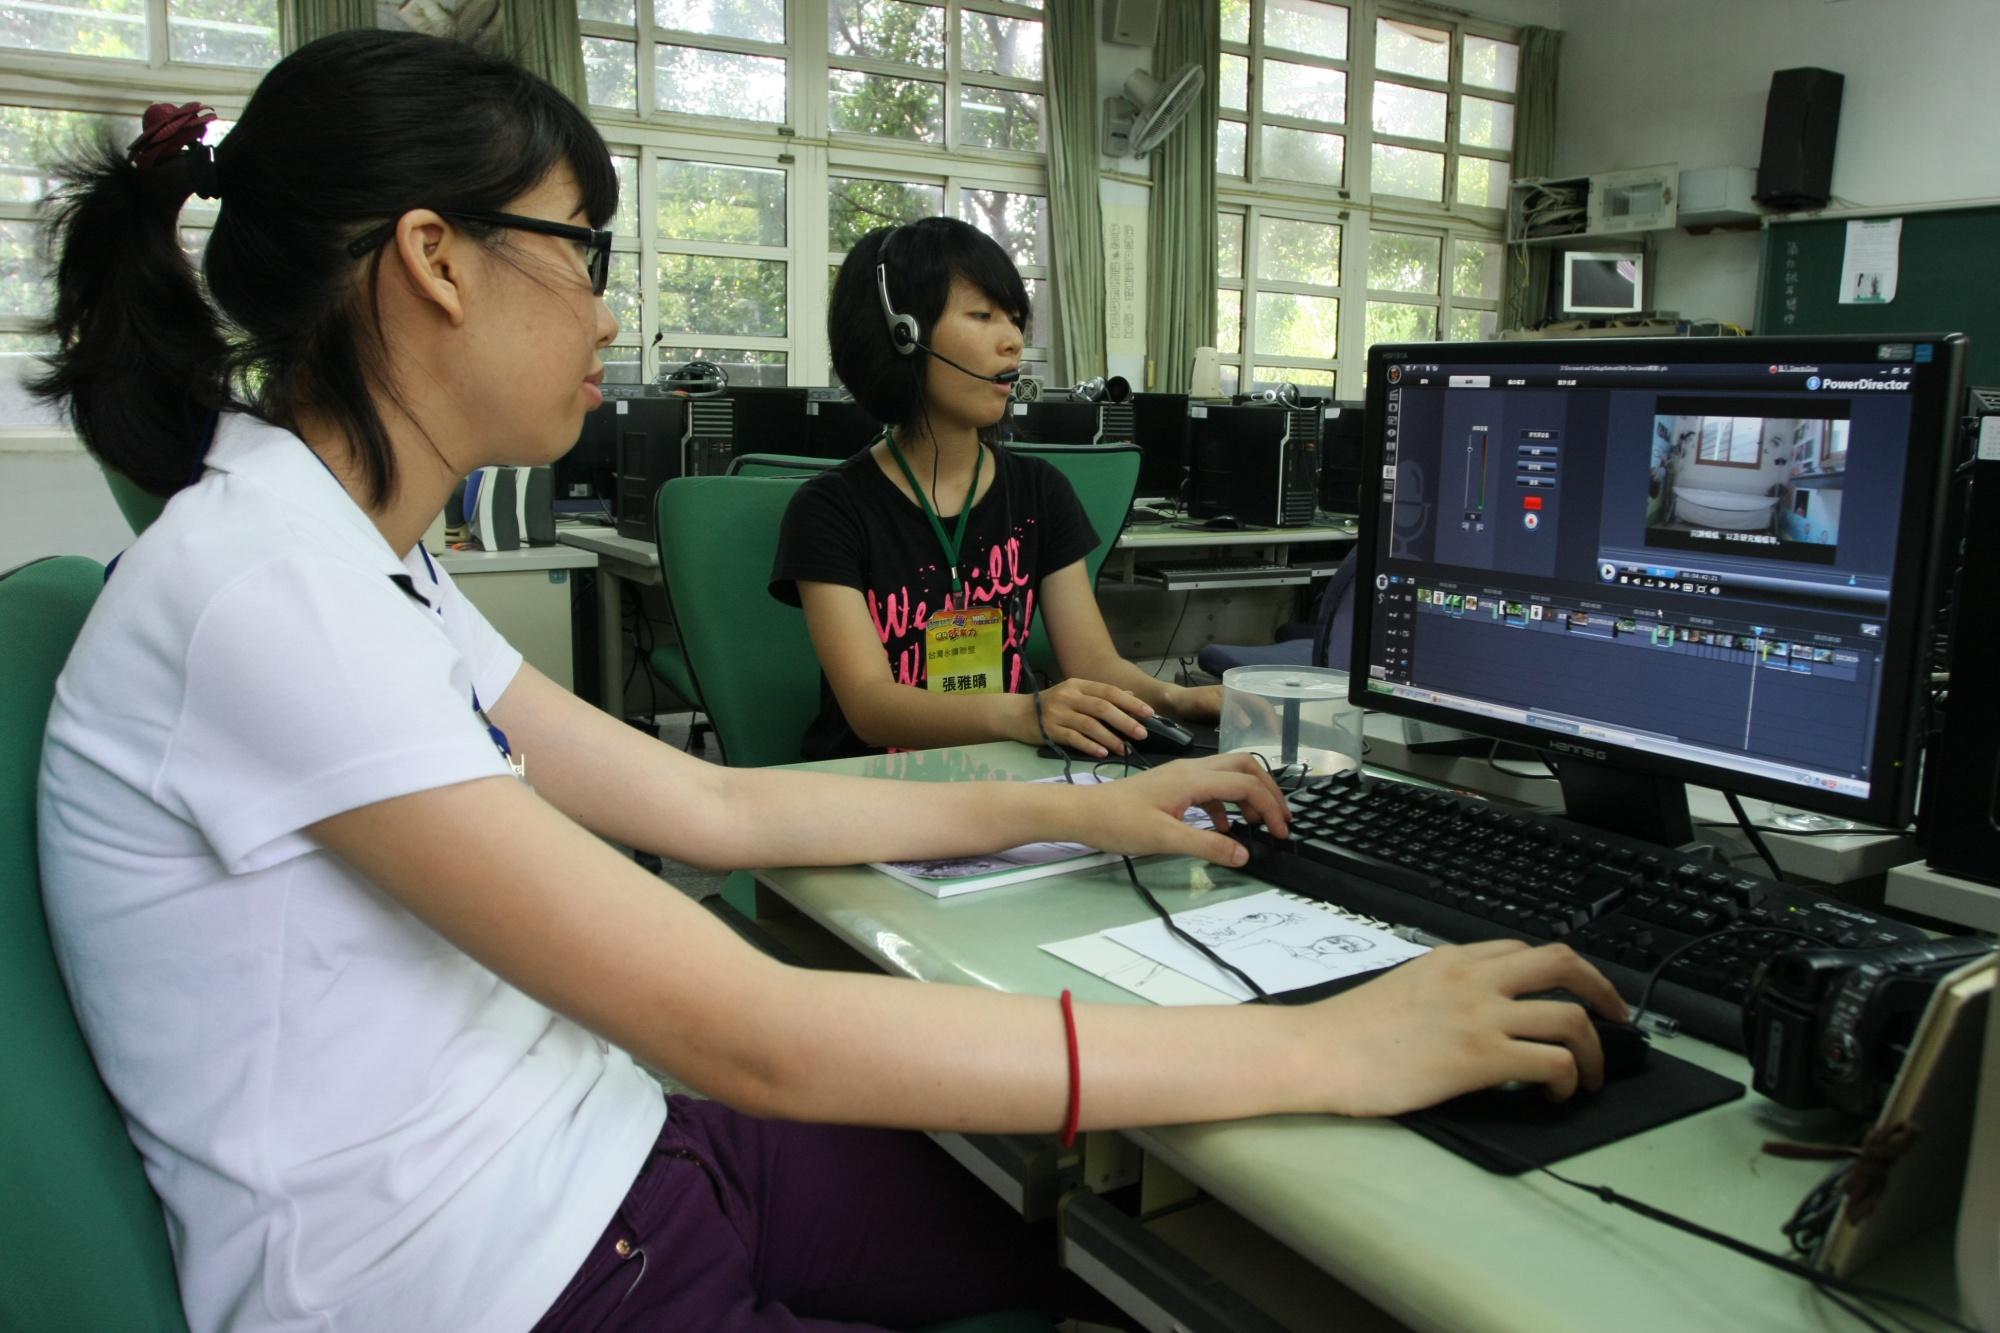 台灣永續聯盟專員正在製作導覽片